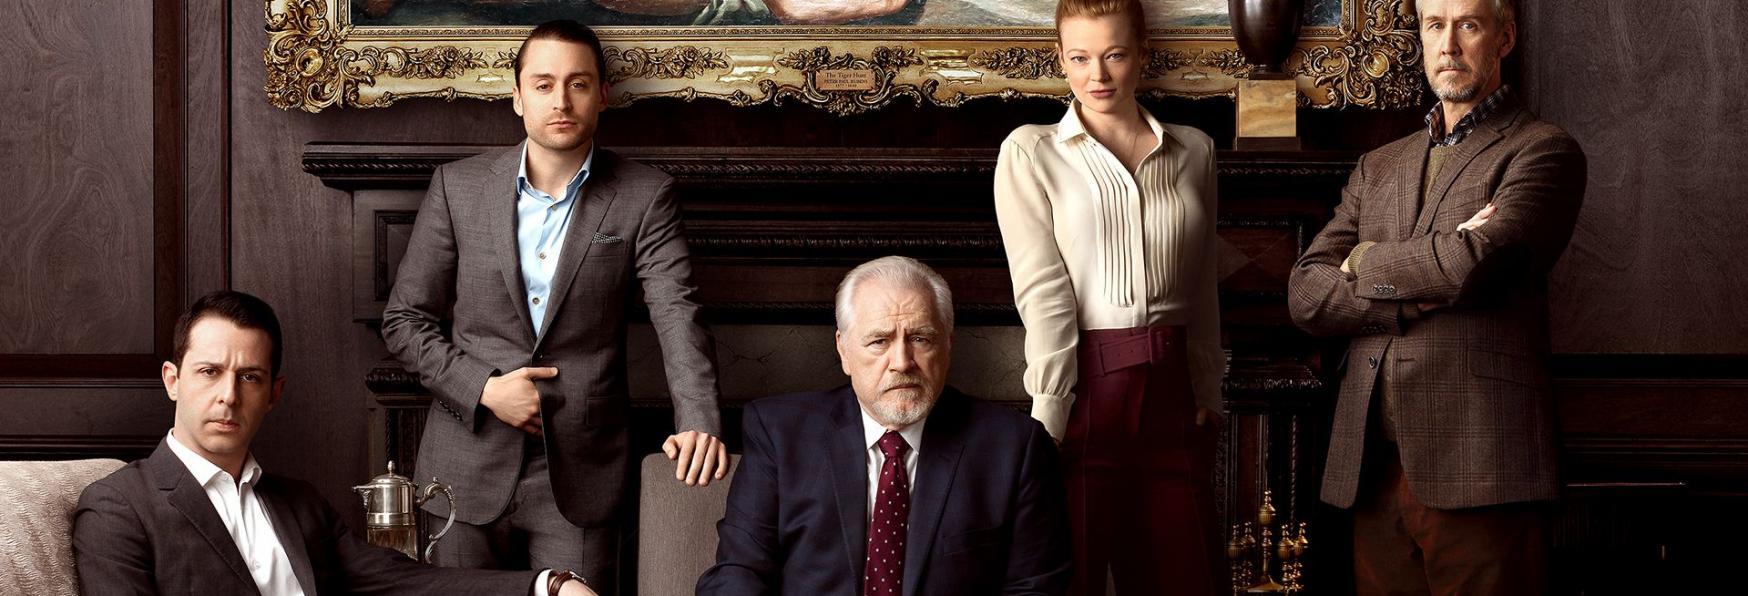 Succession: la Serie TV di HBO viene Rinnovata per una Terza Stagione